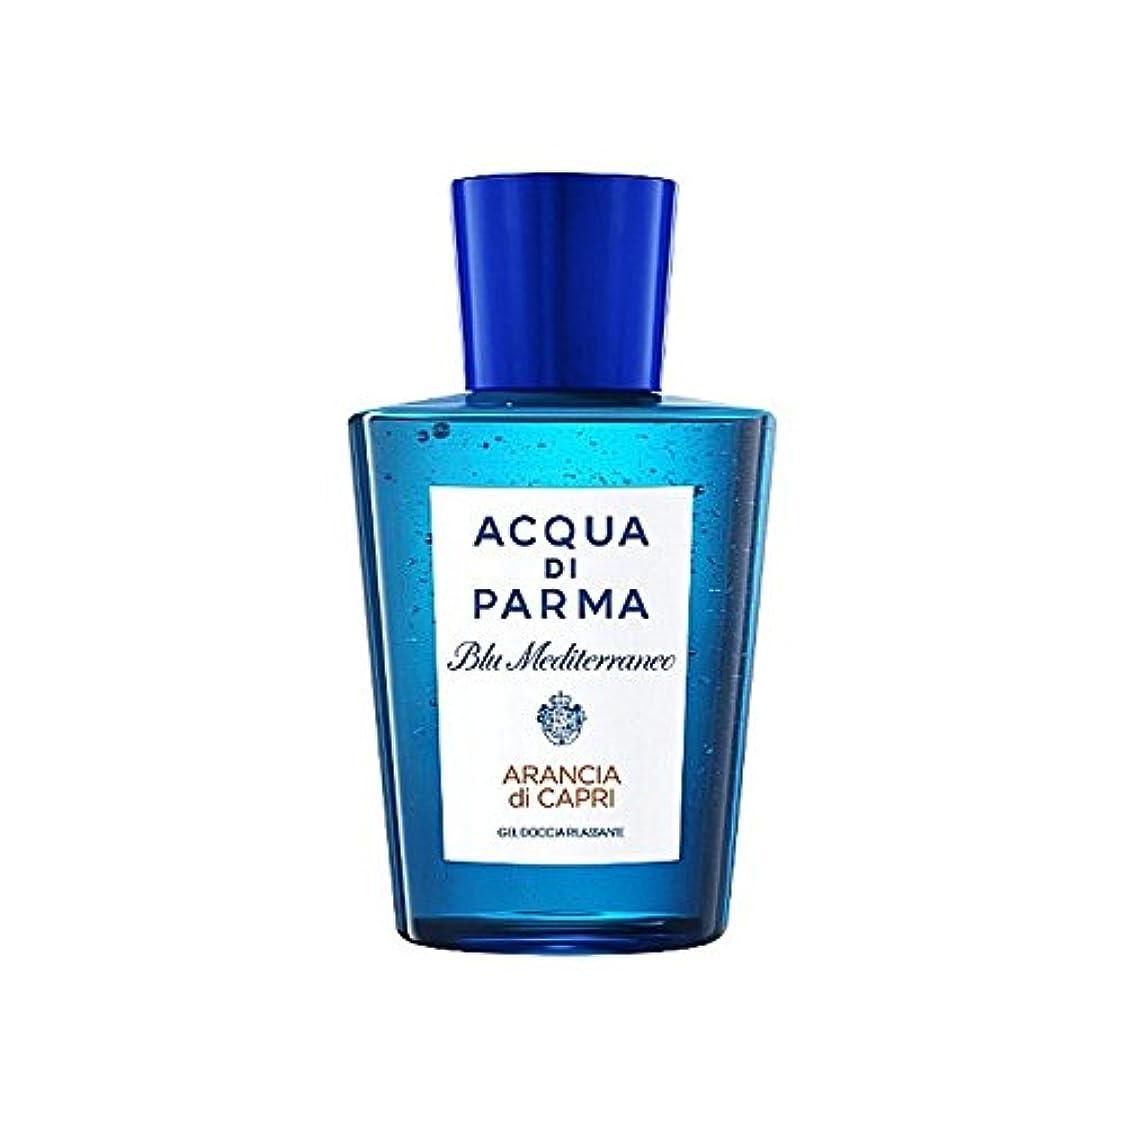 以降アンソロジーストライクアクアディパルマブルーメディのアランシアジカプリシャワージェル200 x4 - Acqua Di Parma Blu Mediterraneo Arancia Di Capri Shower Gel 200ml (Pack...